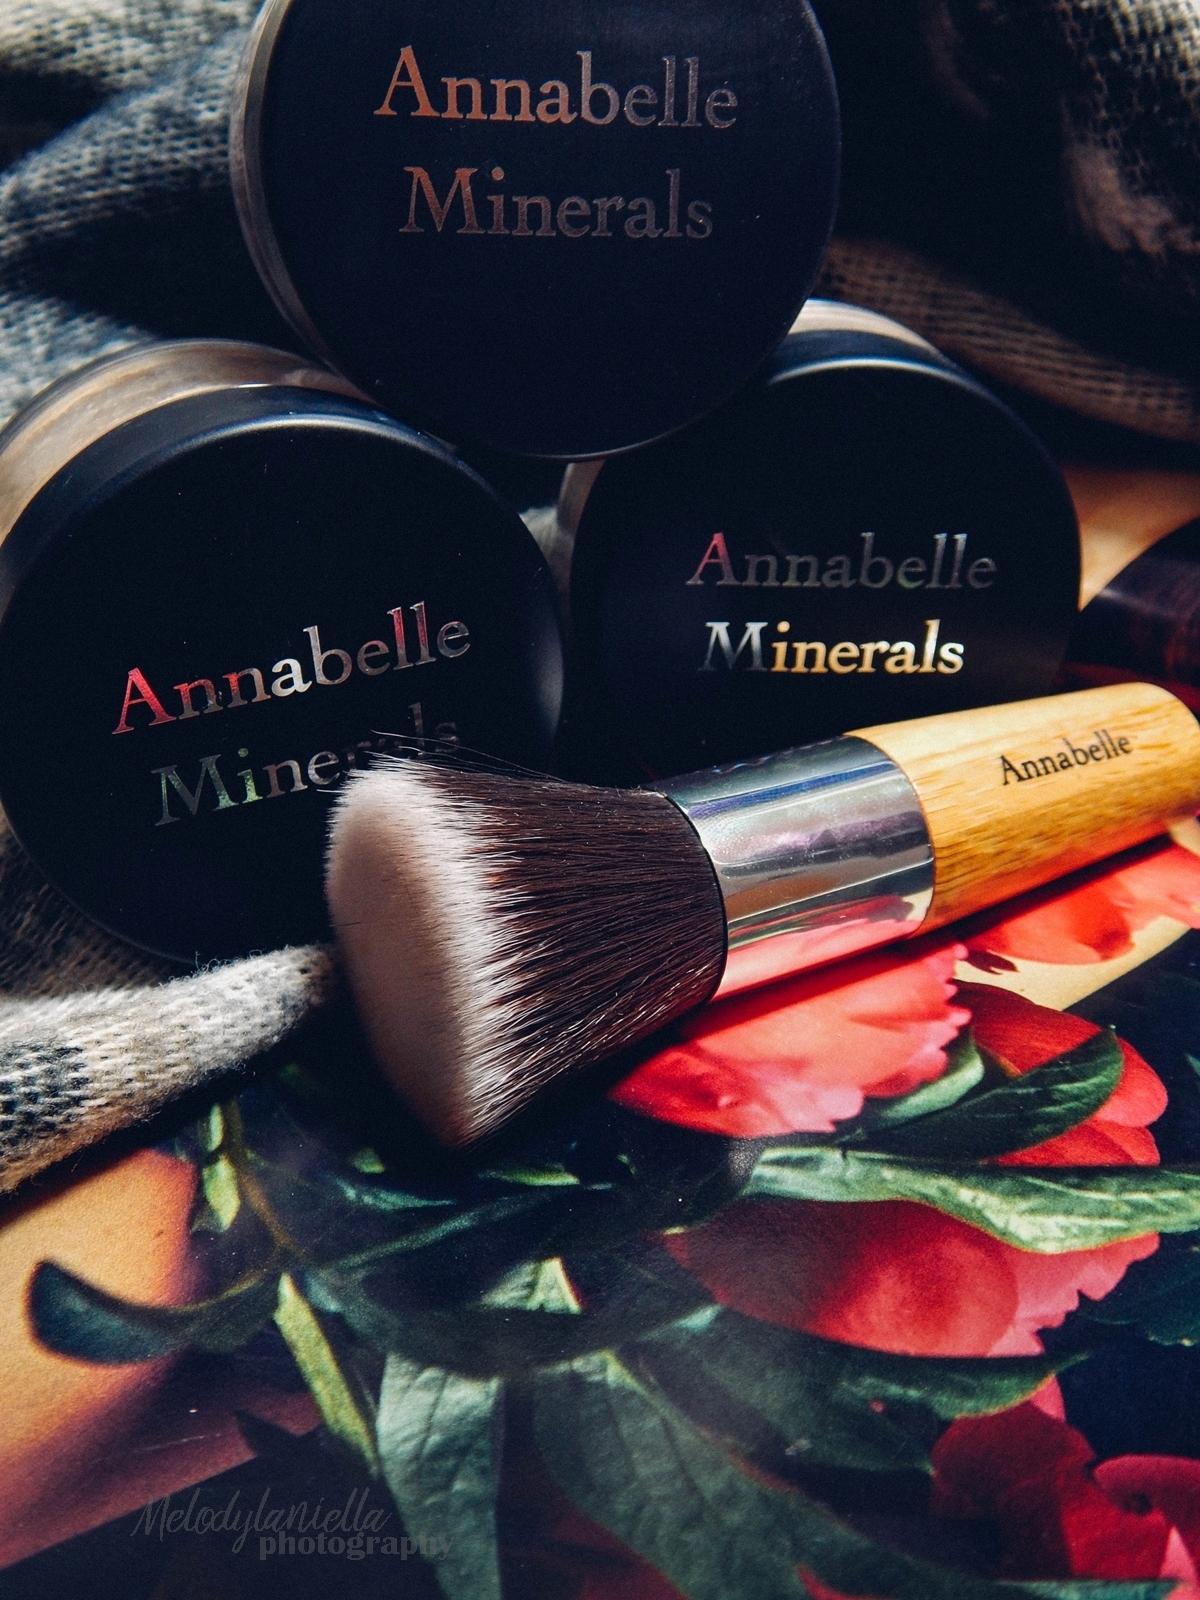 annabelle minerals kosmetyki mineralne zestaw matujący korektor podkład róż gratis pędzel jak używać kosmetyków mineralnych recenzja melodylaniella annabelle